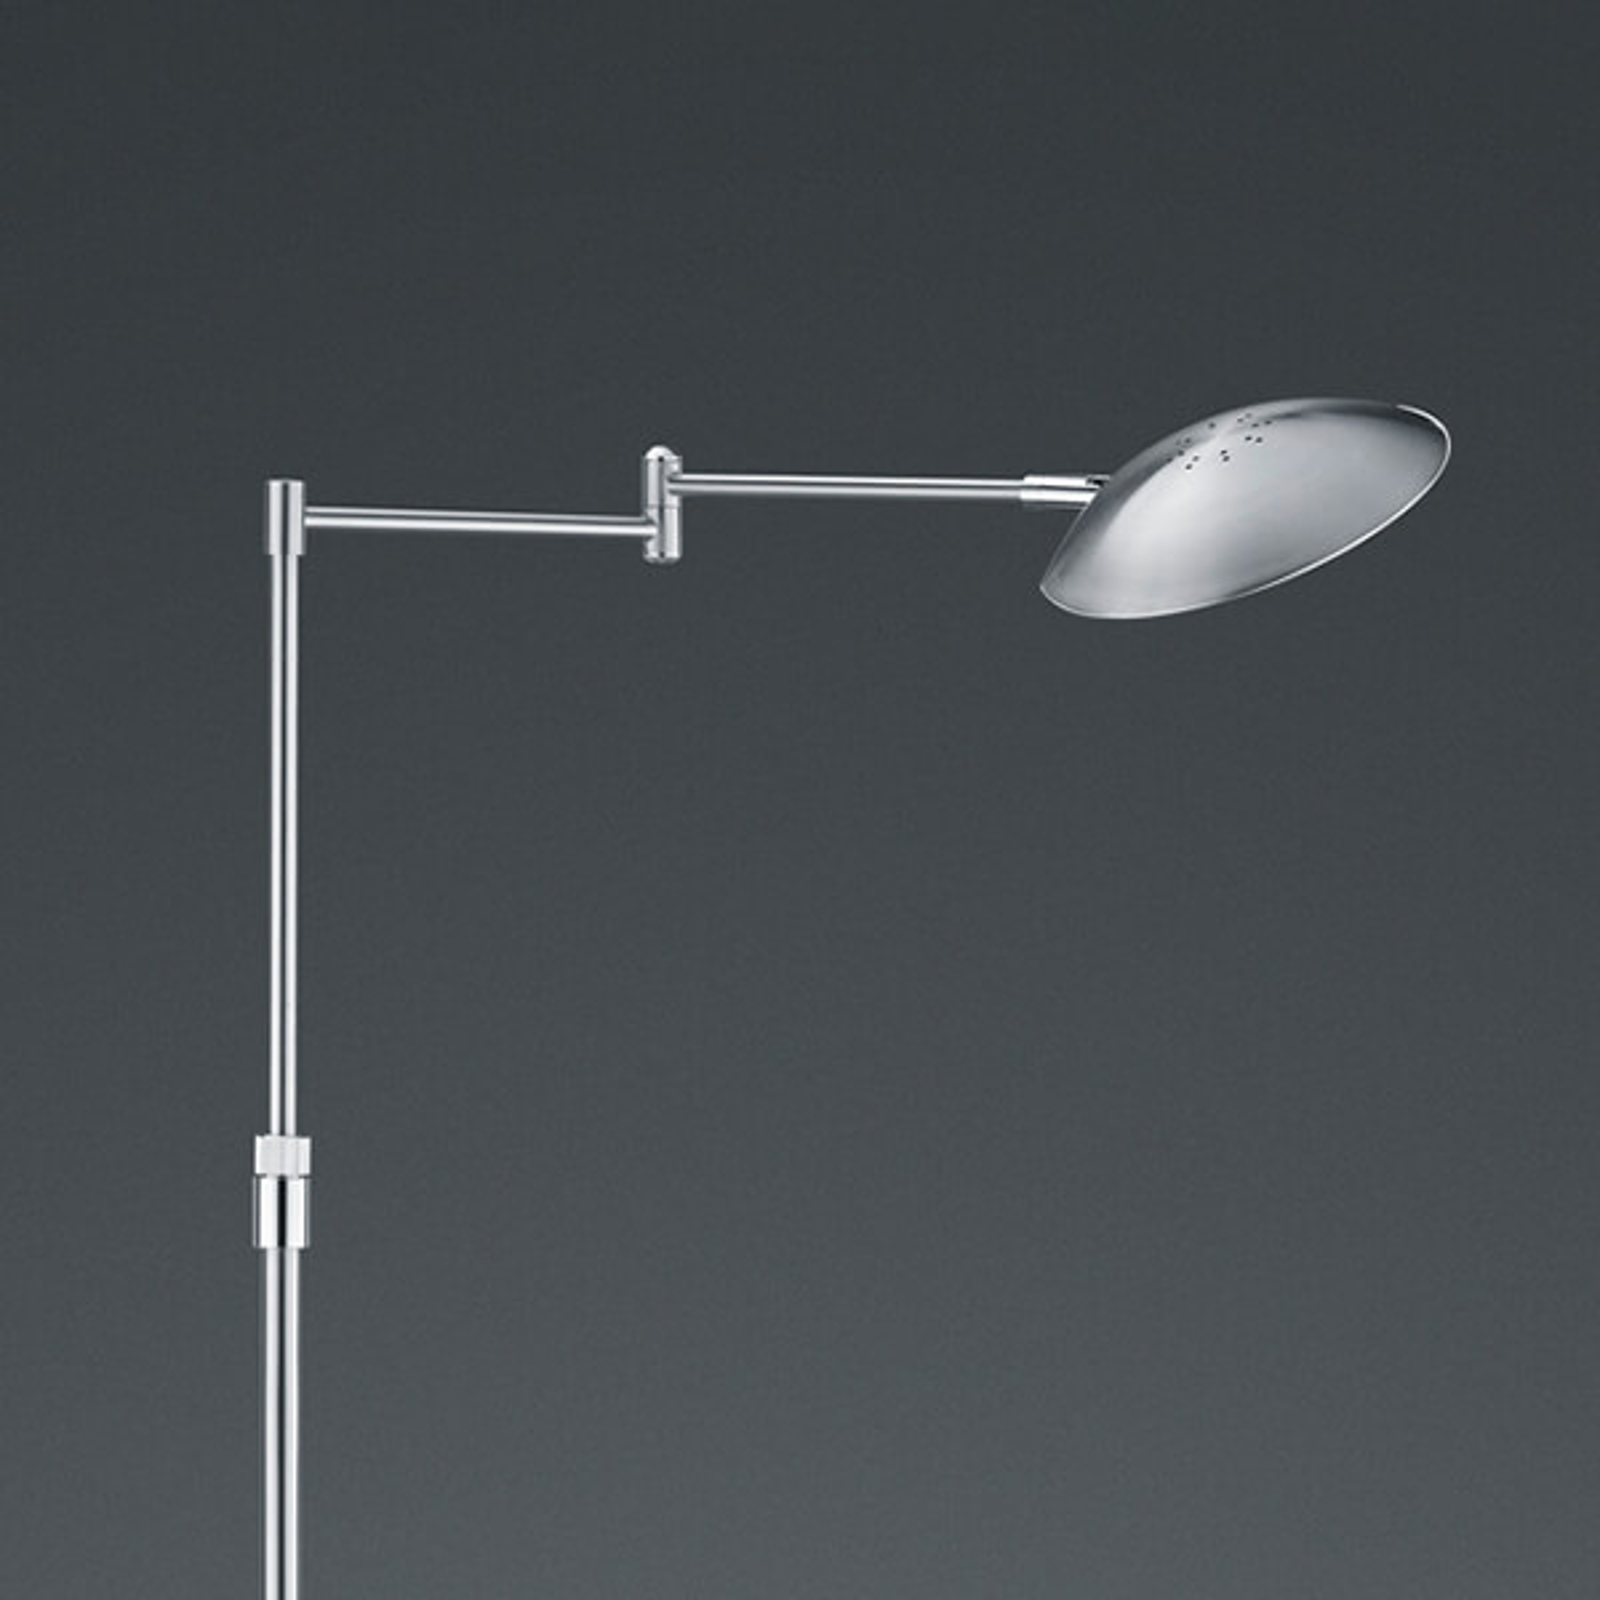 LED-Stehleuchte Calcio, verstellbar, nickel matt